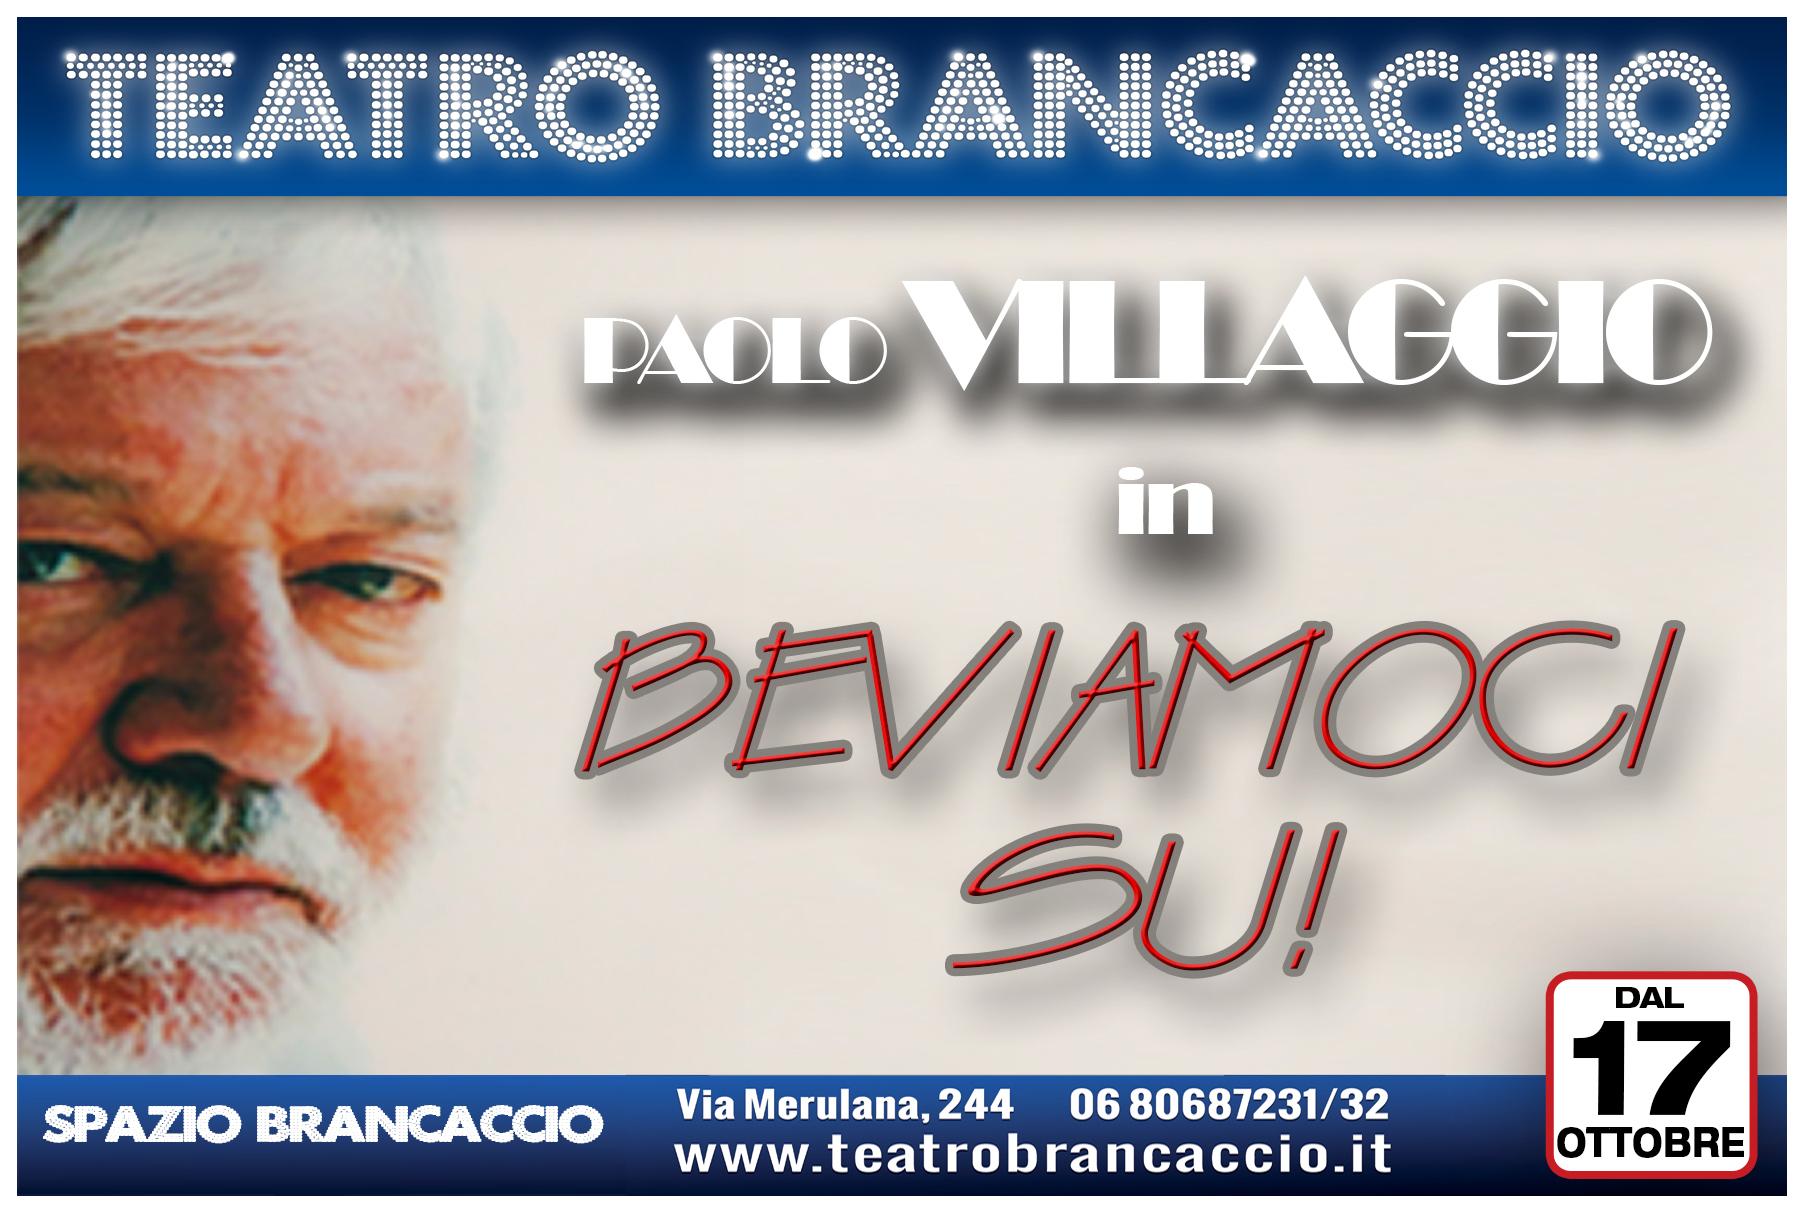 """""""Bevianoci su!! Un aperitivo da non perdere al teatro Brancaccio, con compagnia di Paolo Villaggio. Il primo appuntamento rimandato  a giovedi 24 ottobre"""